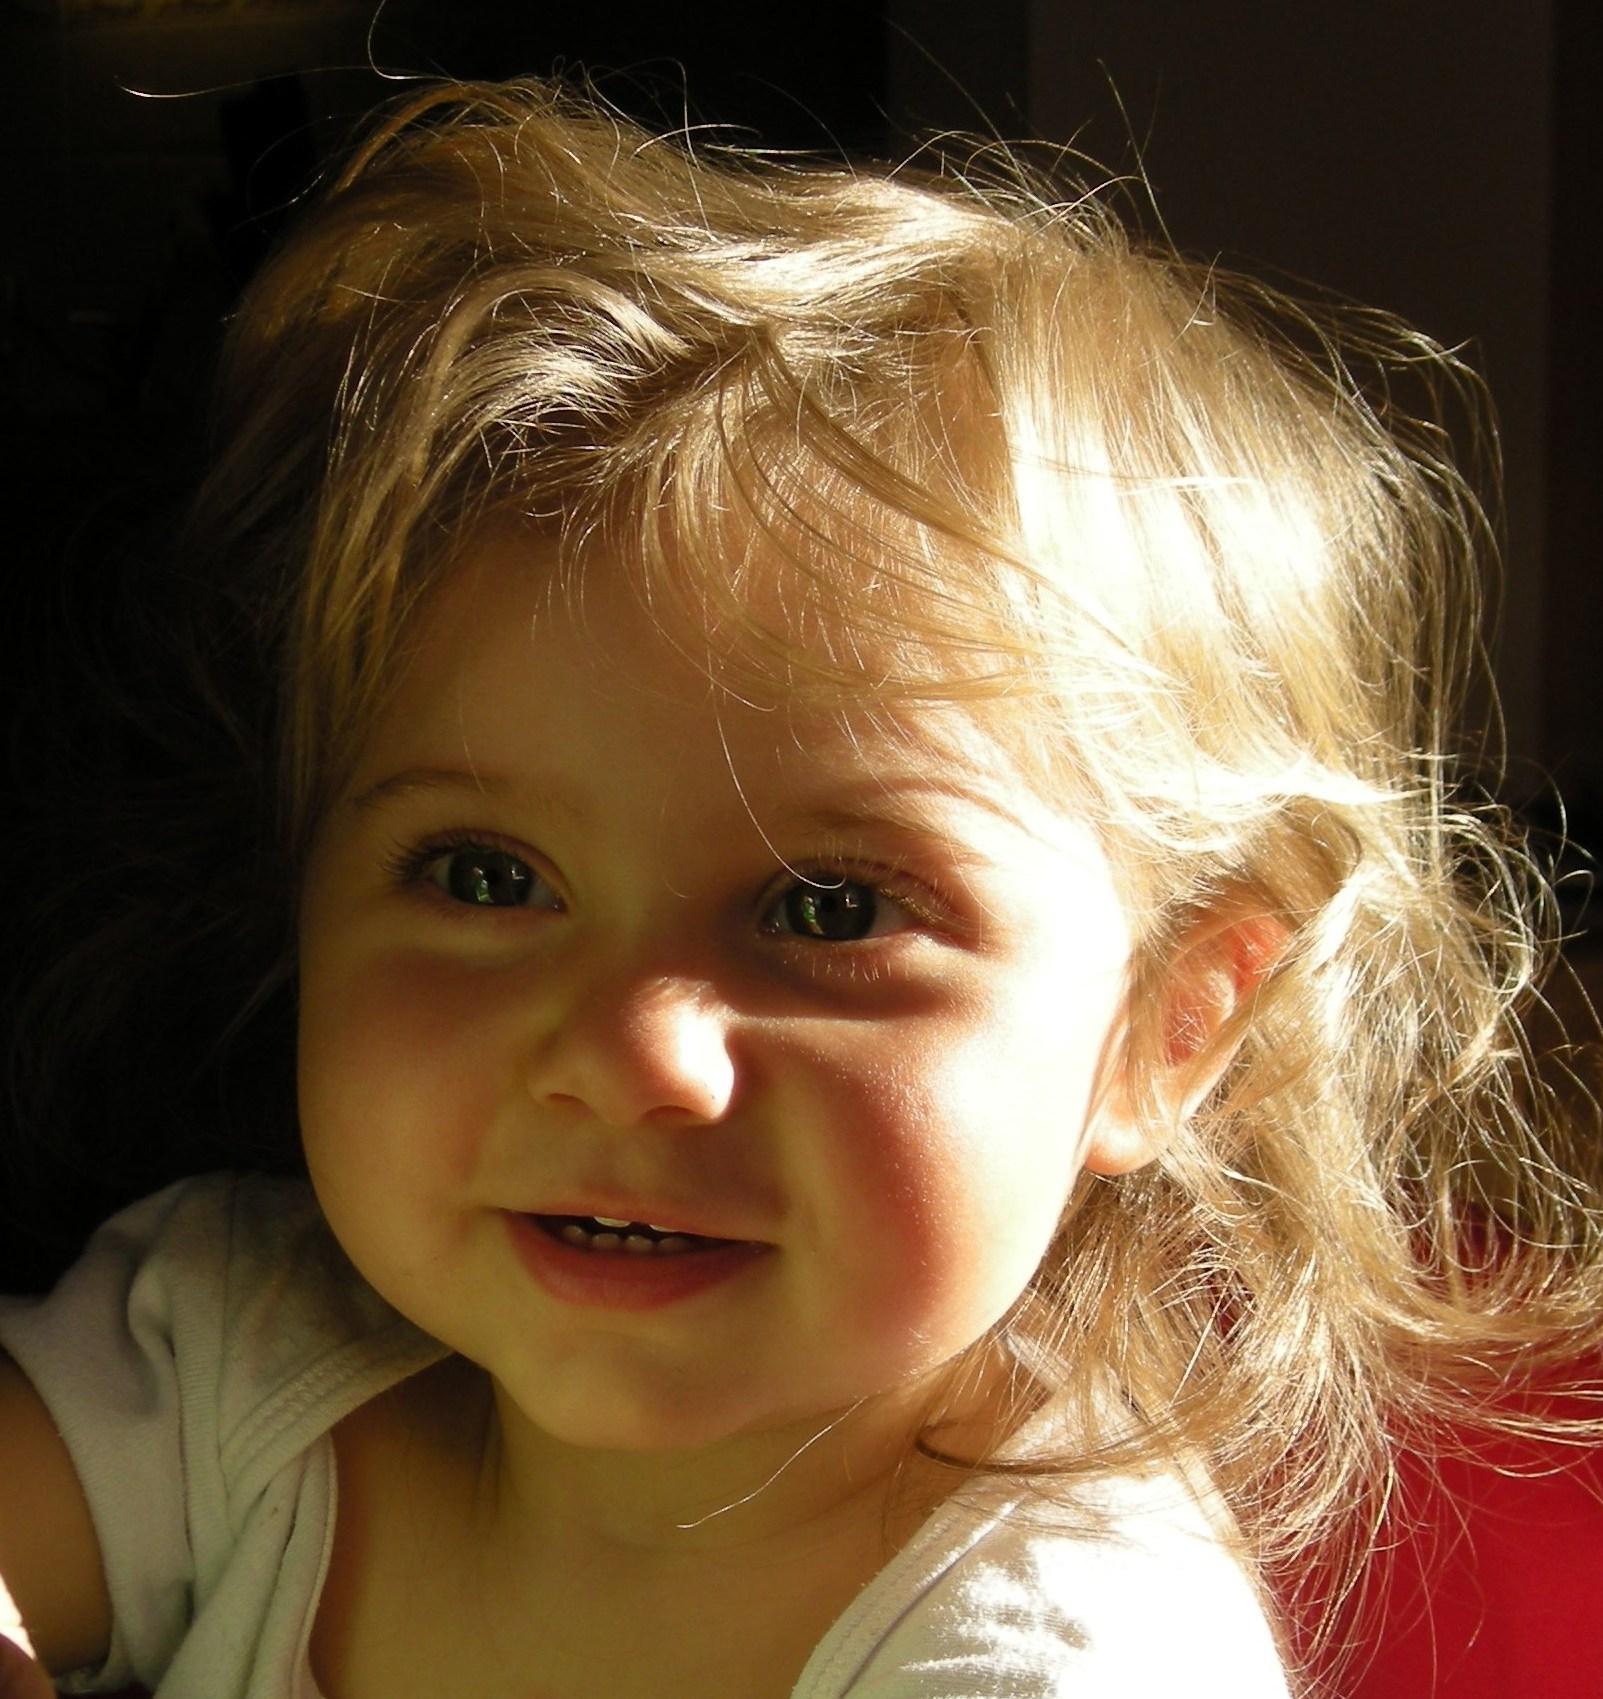 Denti dei bambini: quando effettuare la prima visita odontoiatrica